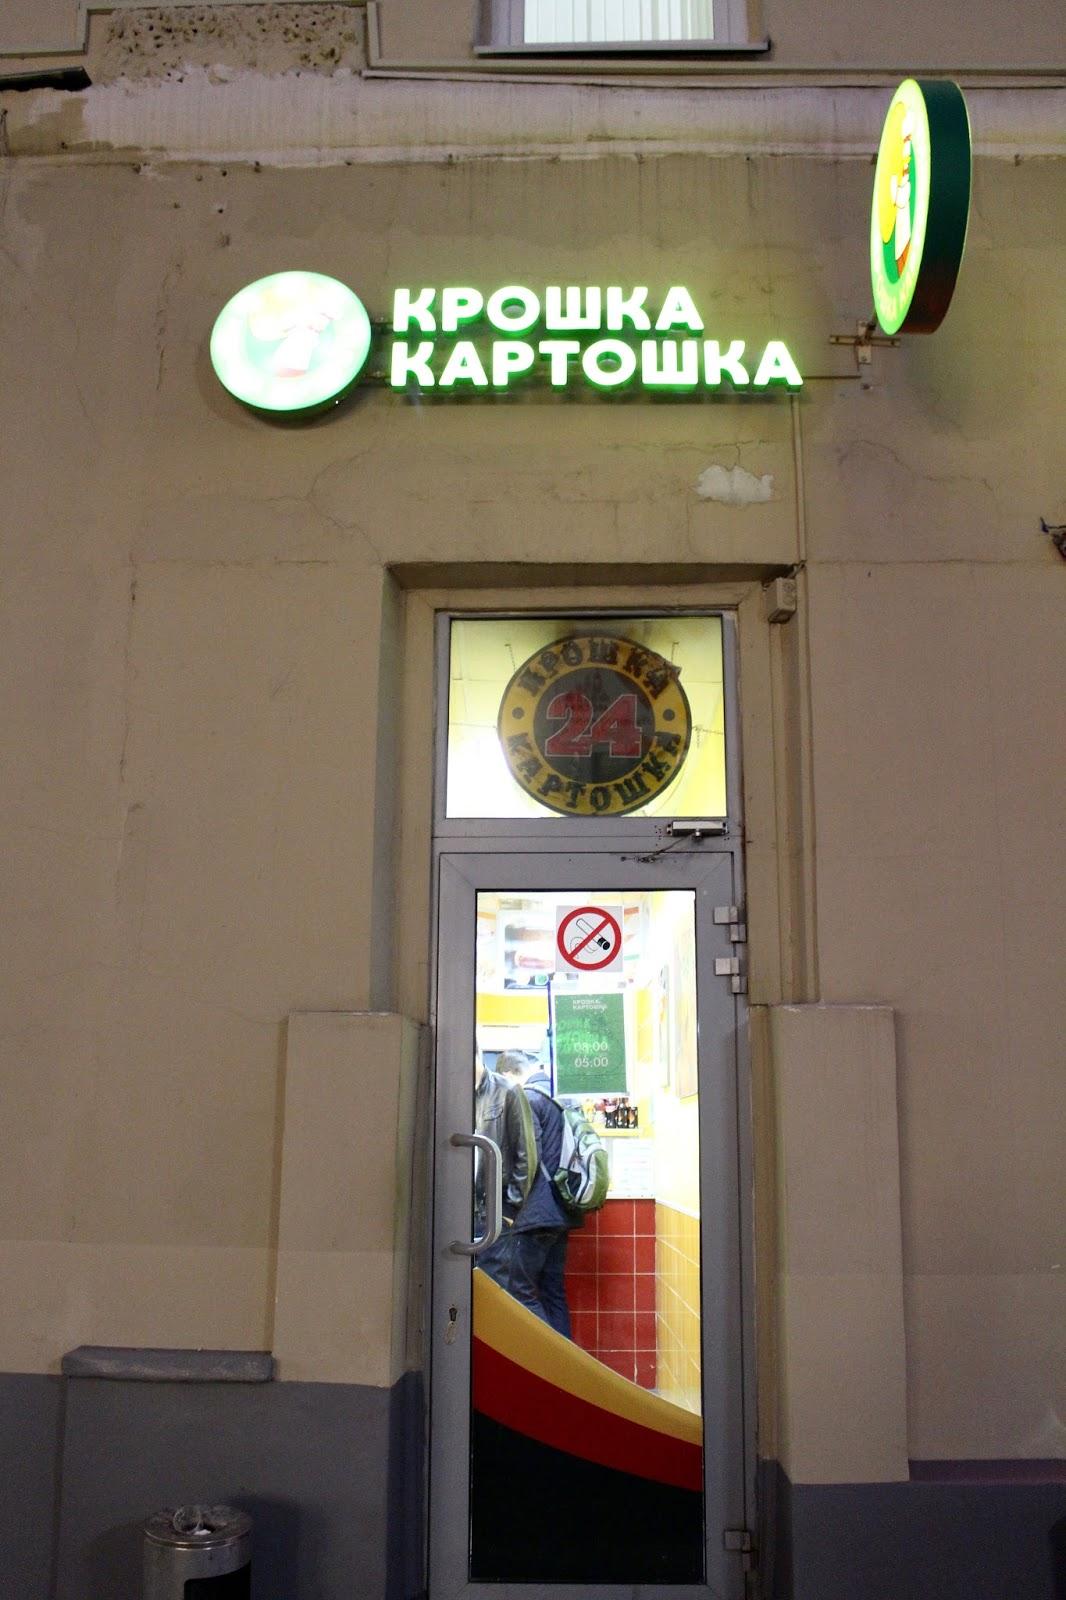 Moscow Food Guide Hotspots 2016 - Kroshka Kartoshka